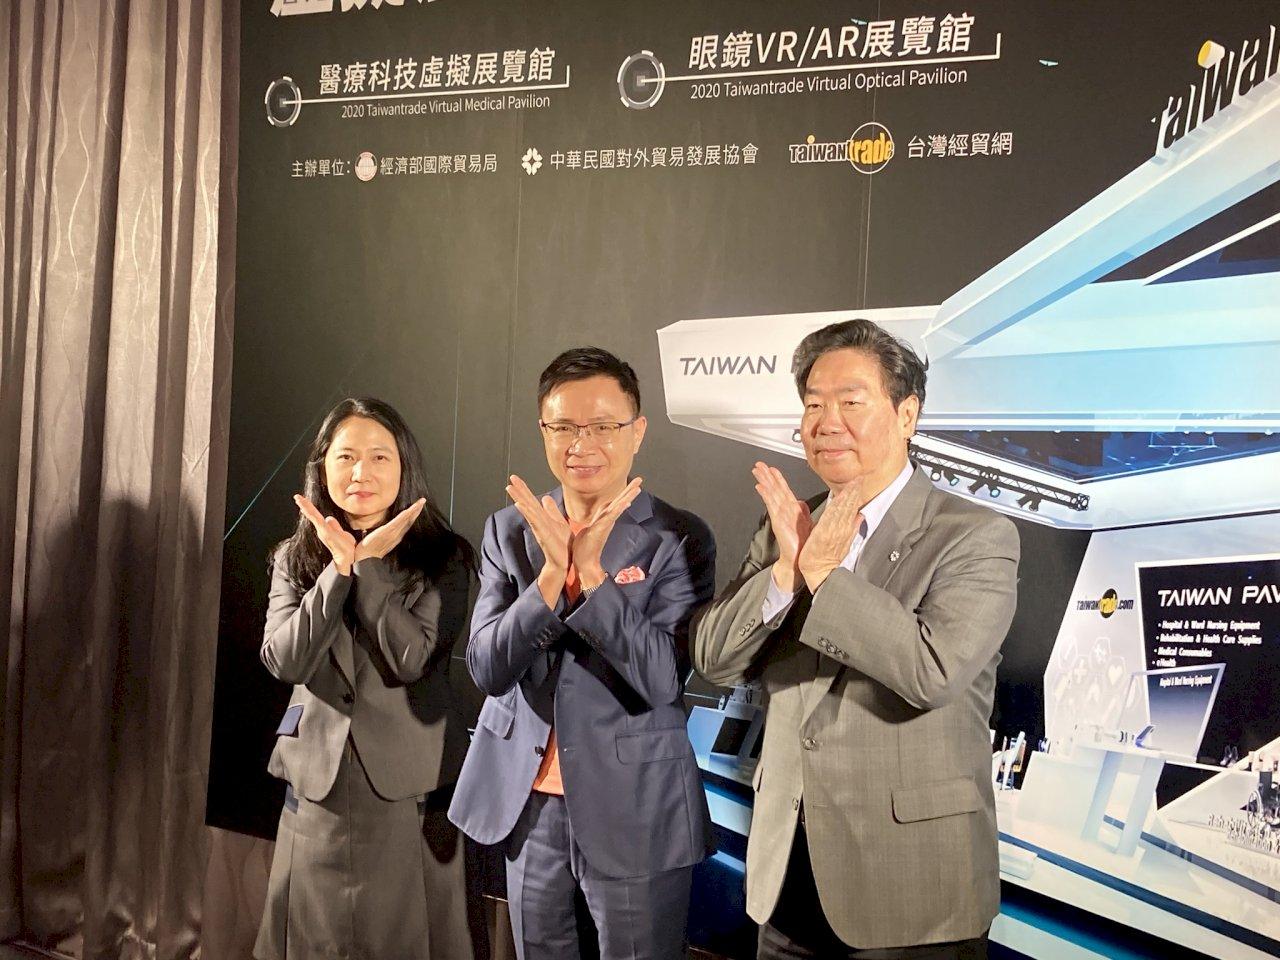 鎖定拉美、非洲、中東市場 台灣線上虛擬展館要搶疫後商機